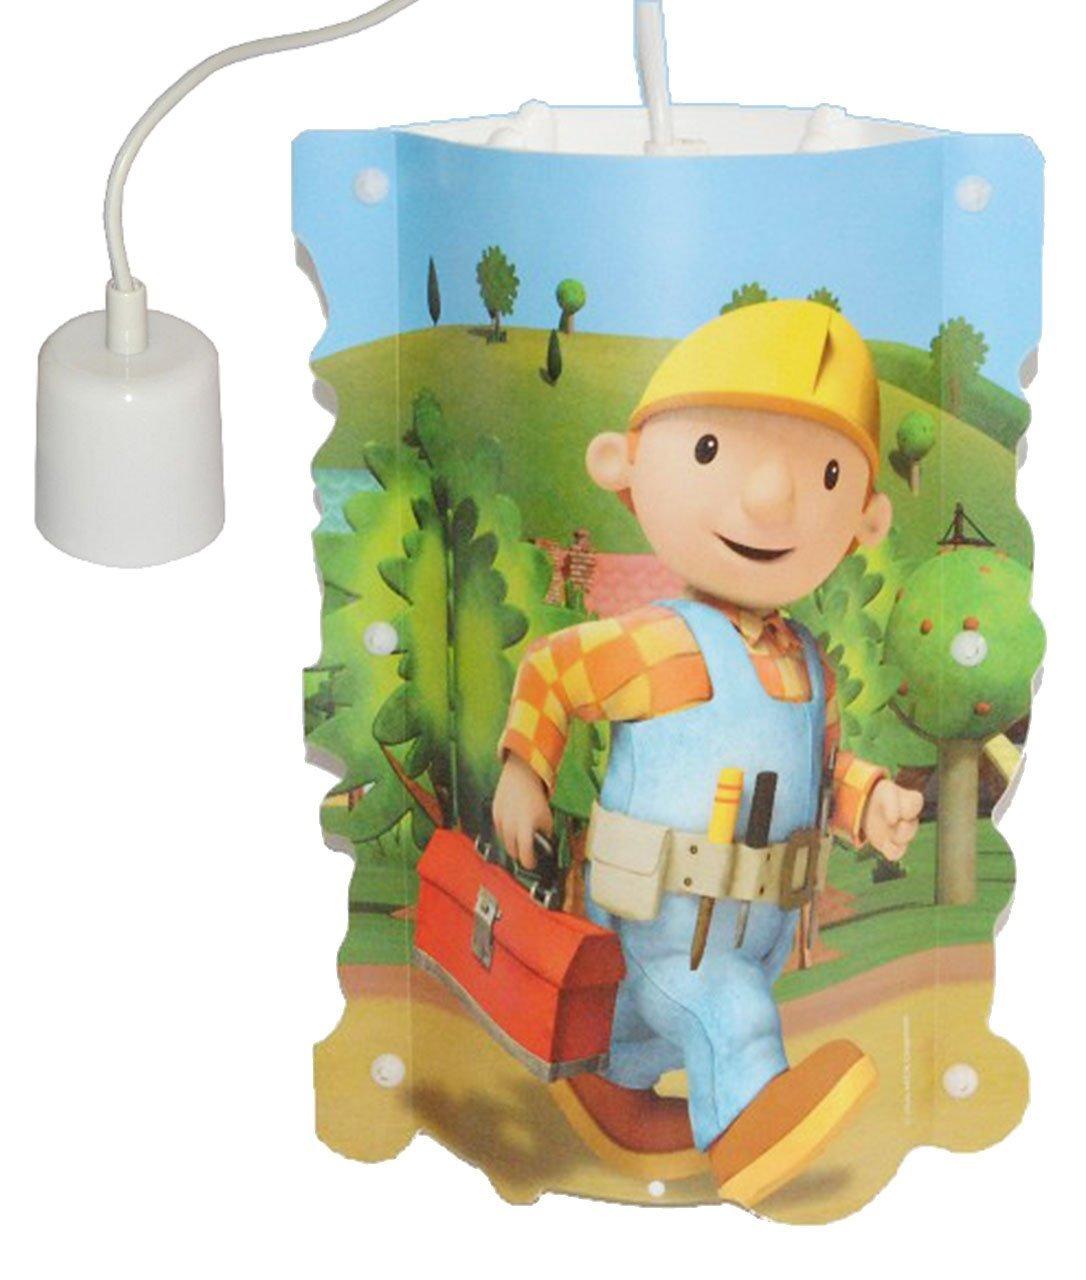 deckenlampe junge cars autos junge kinderlampe deckenlampe hngelampe lampe geschenk led. Black Bedroom Furniture Sets. Home Design Ideas